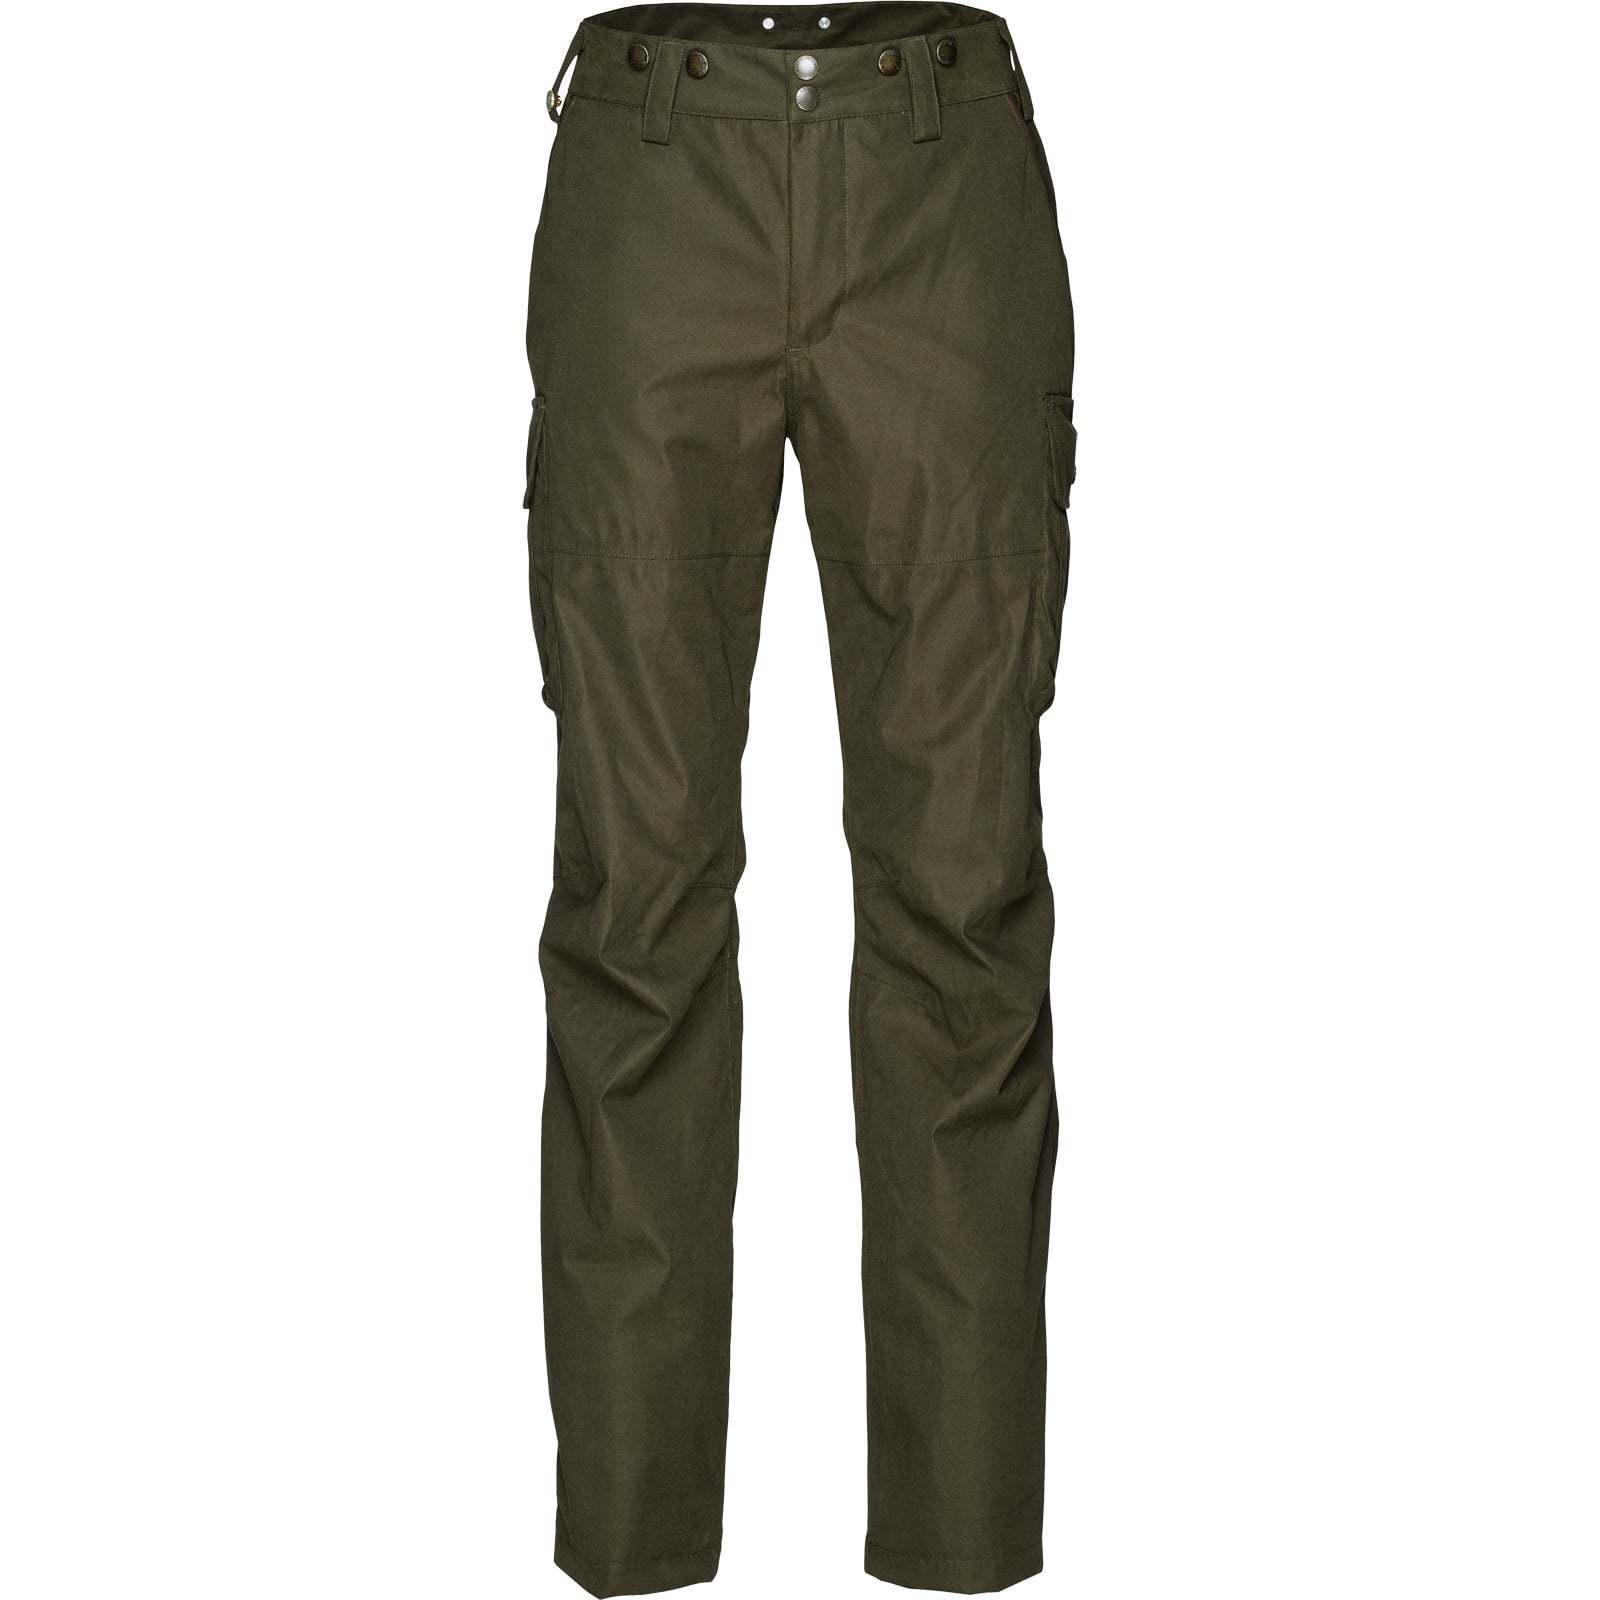 Seeland Houtcock II Trousers --RRP  655533;119.99 Onze prijs  65533;  65533;109